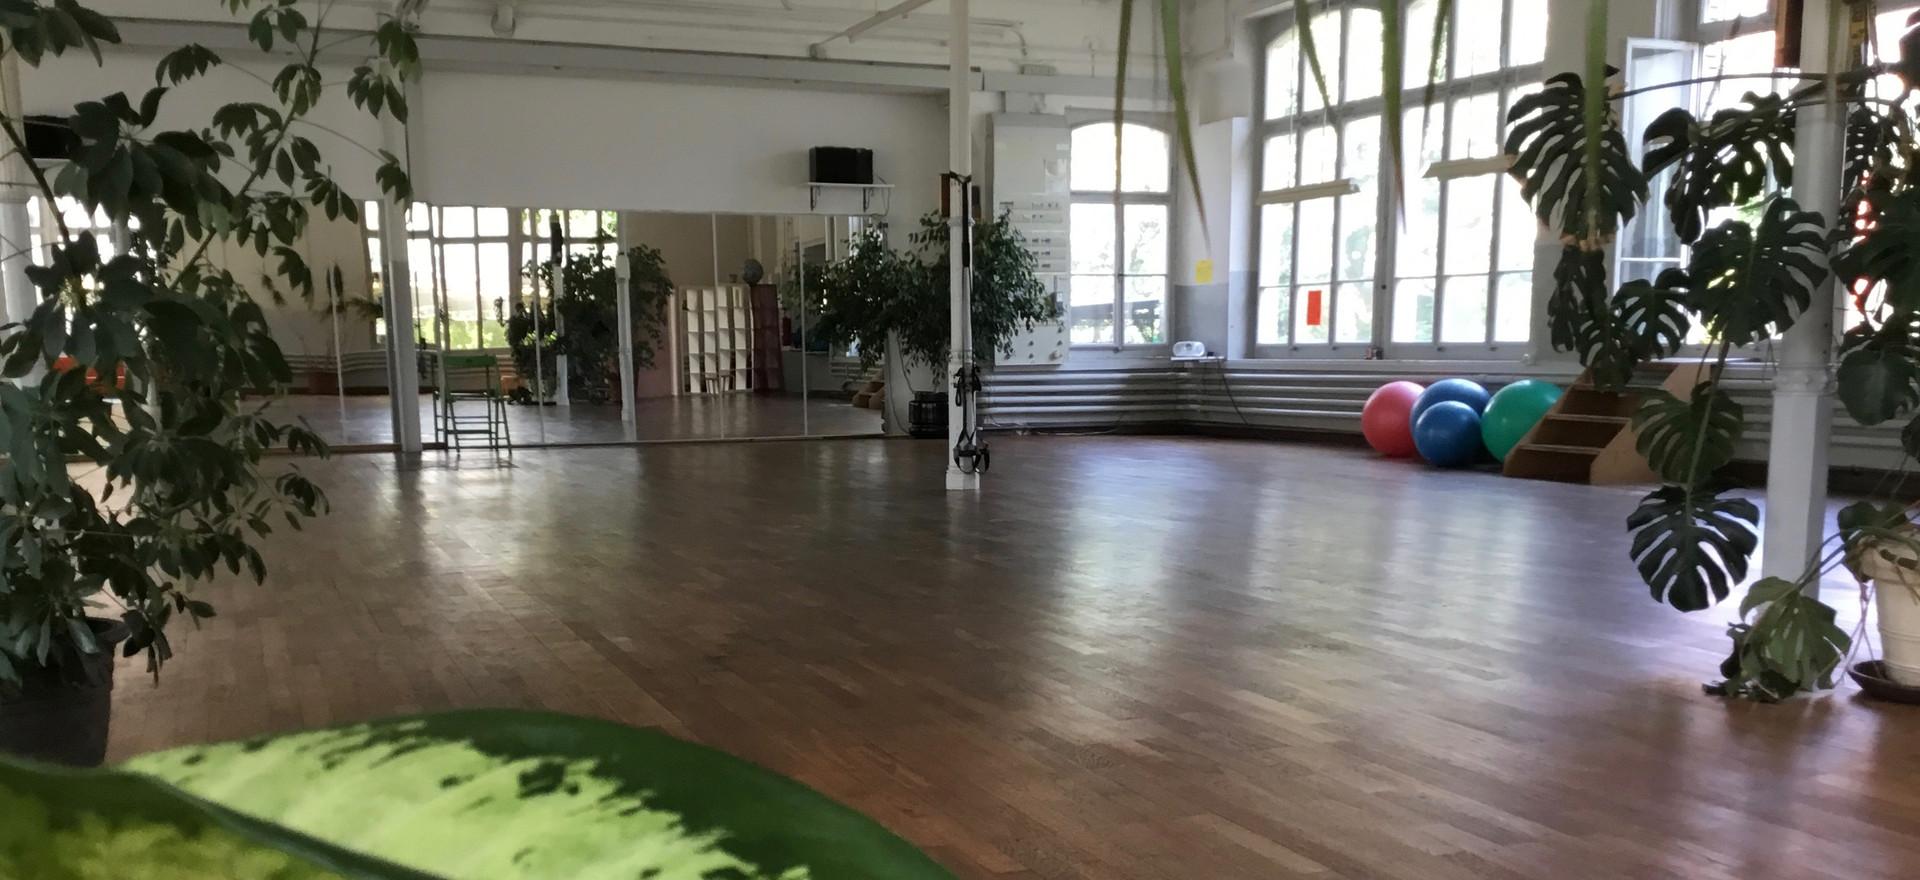 Atelier FirleTanz | Kursraum